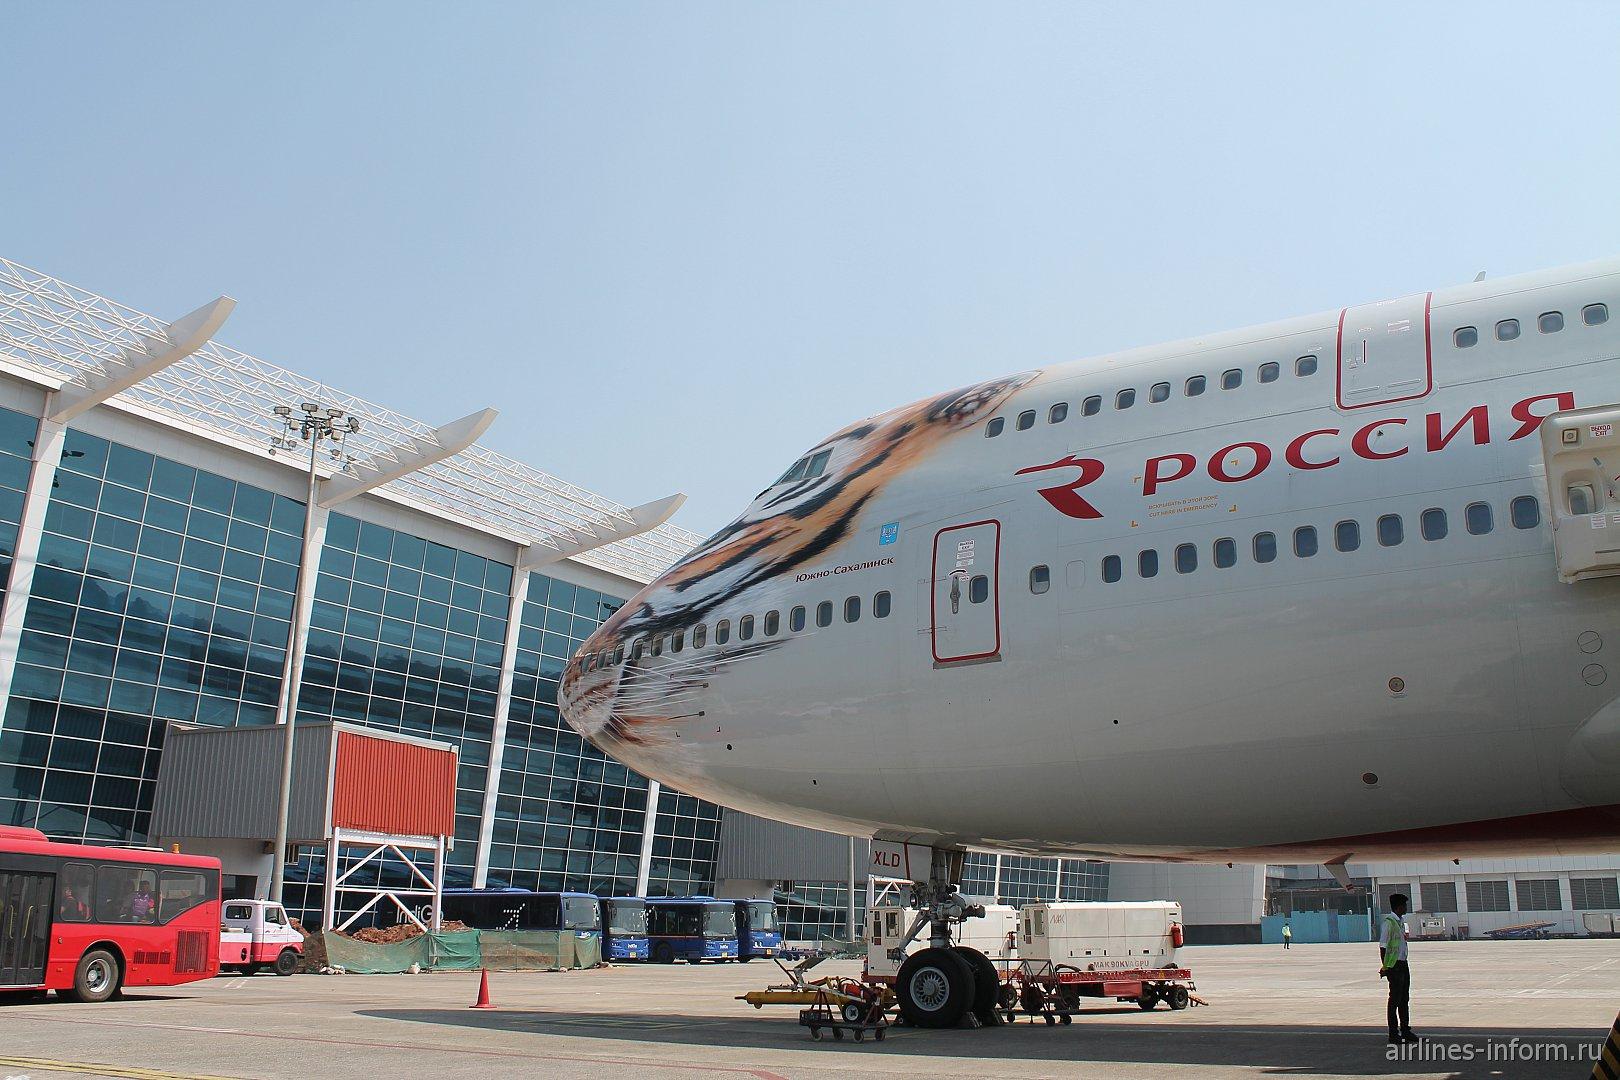 Гоа (GOI) - Москва (VKO) чартерный рейс с Rossiya Airlines